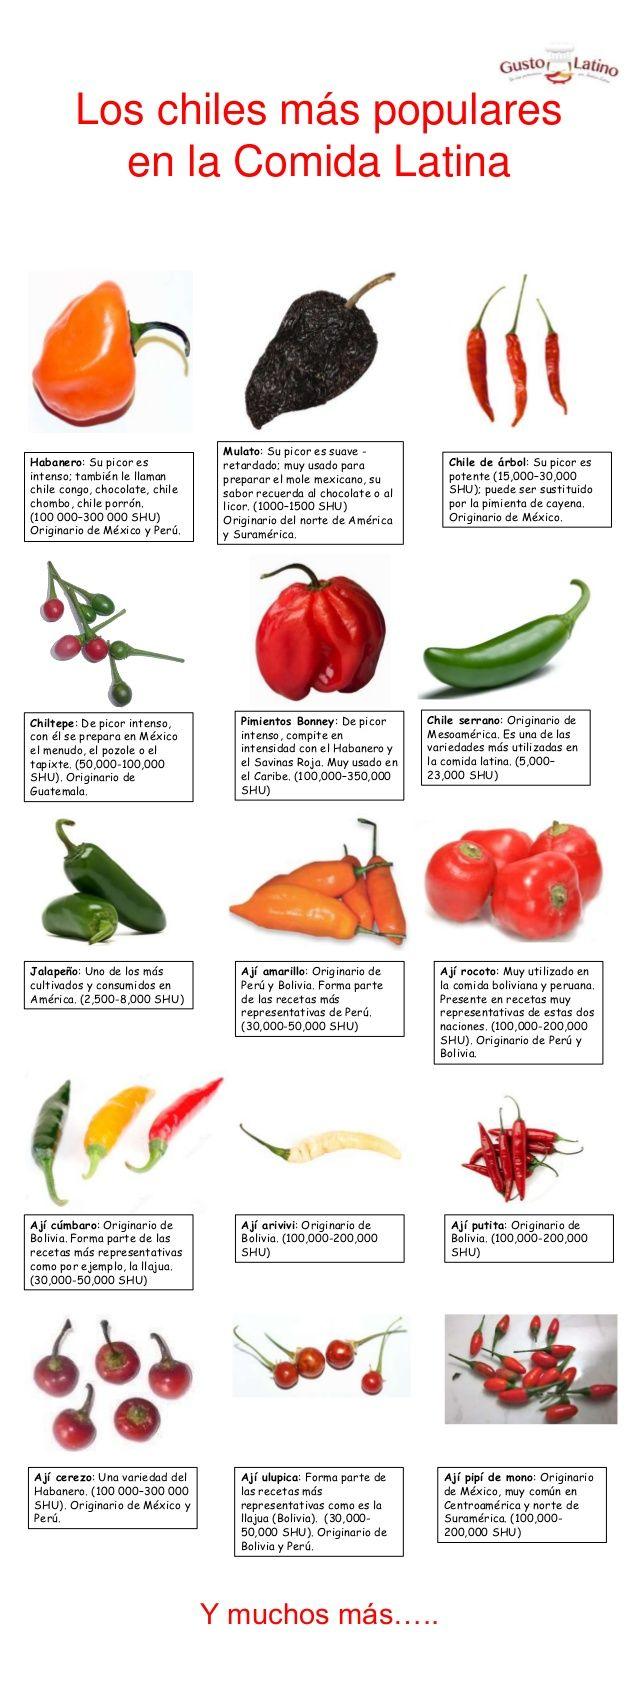 Los chiles más populares en la comida latina